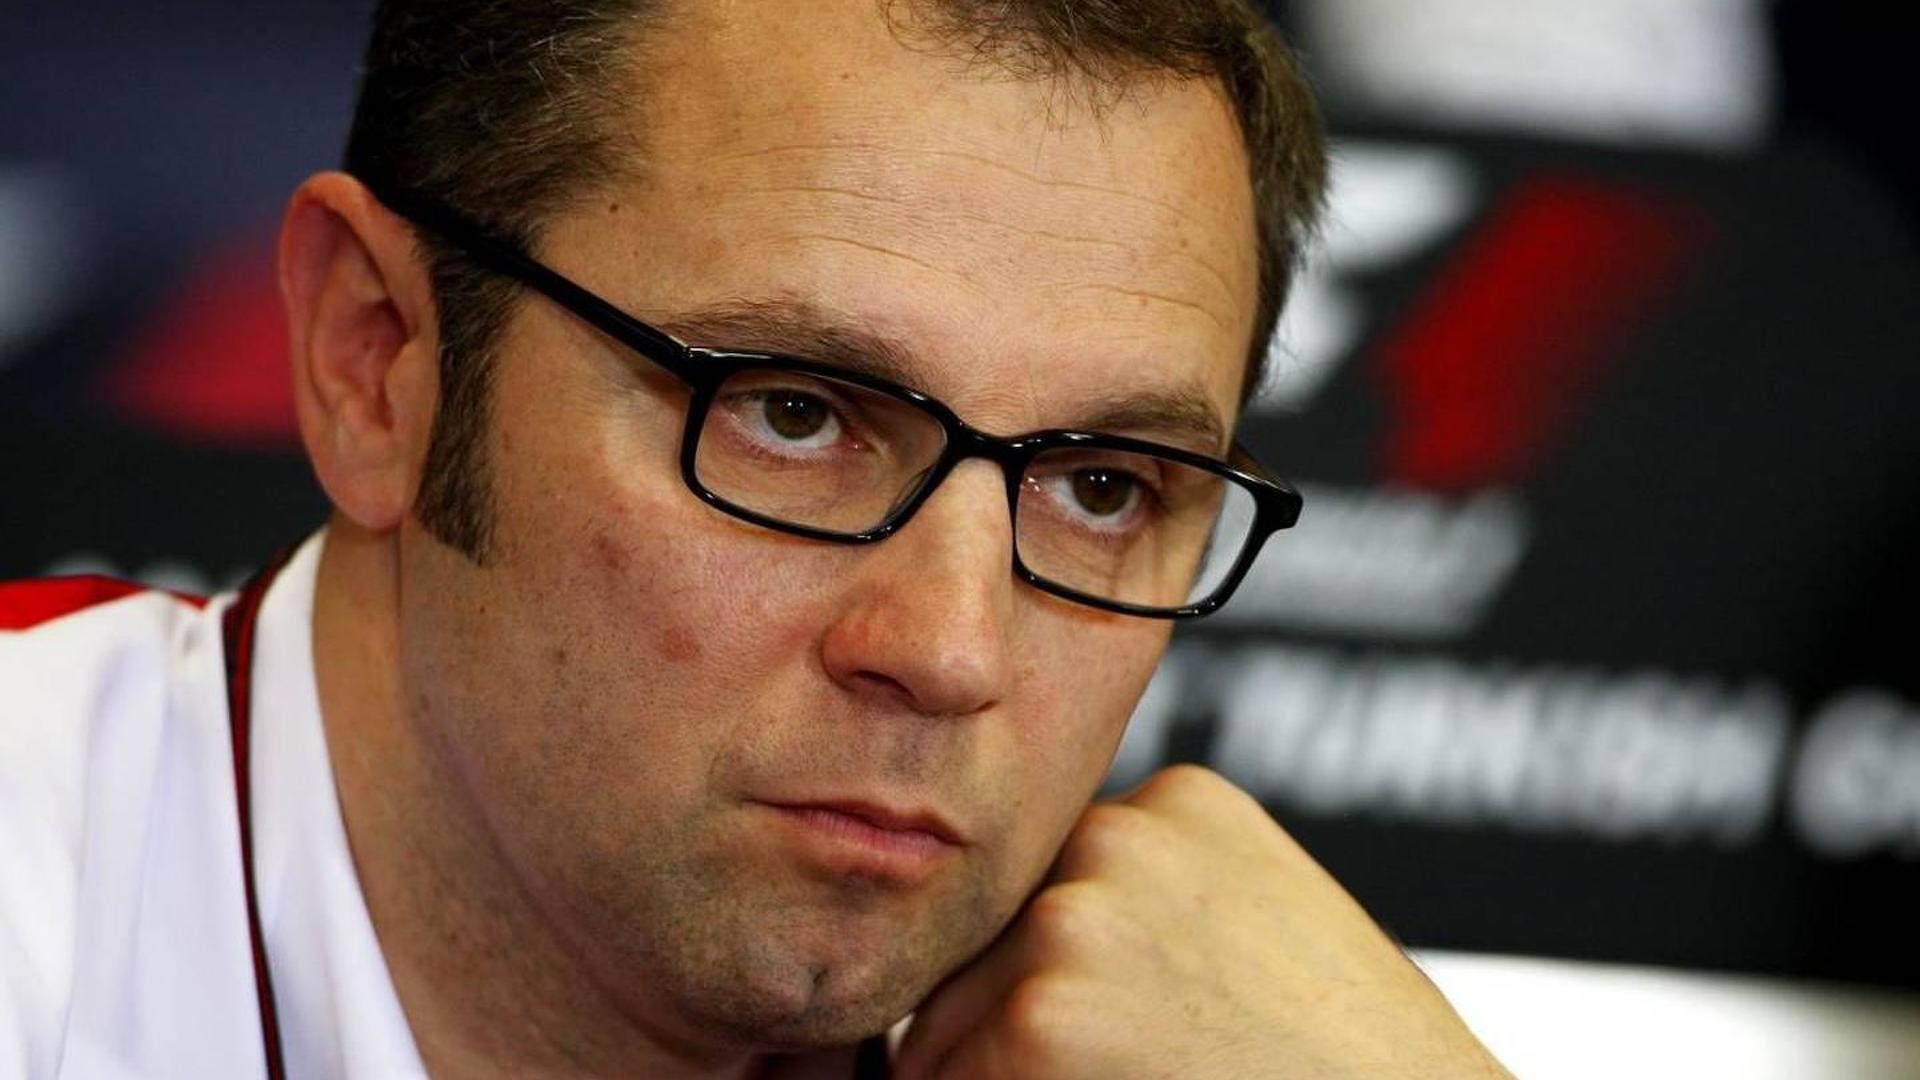 Sleepless Domenicali considered quitting Ferrari